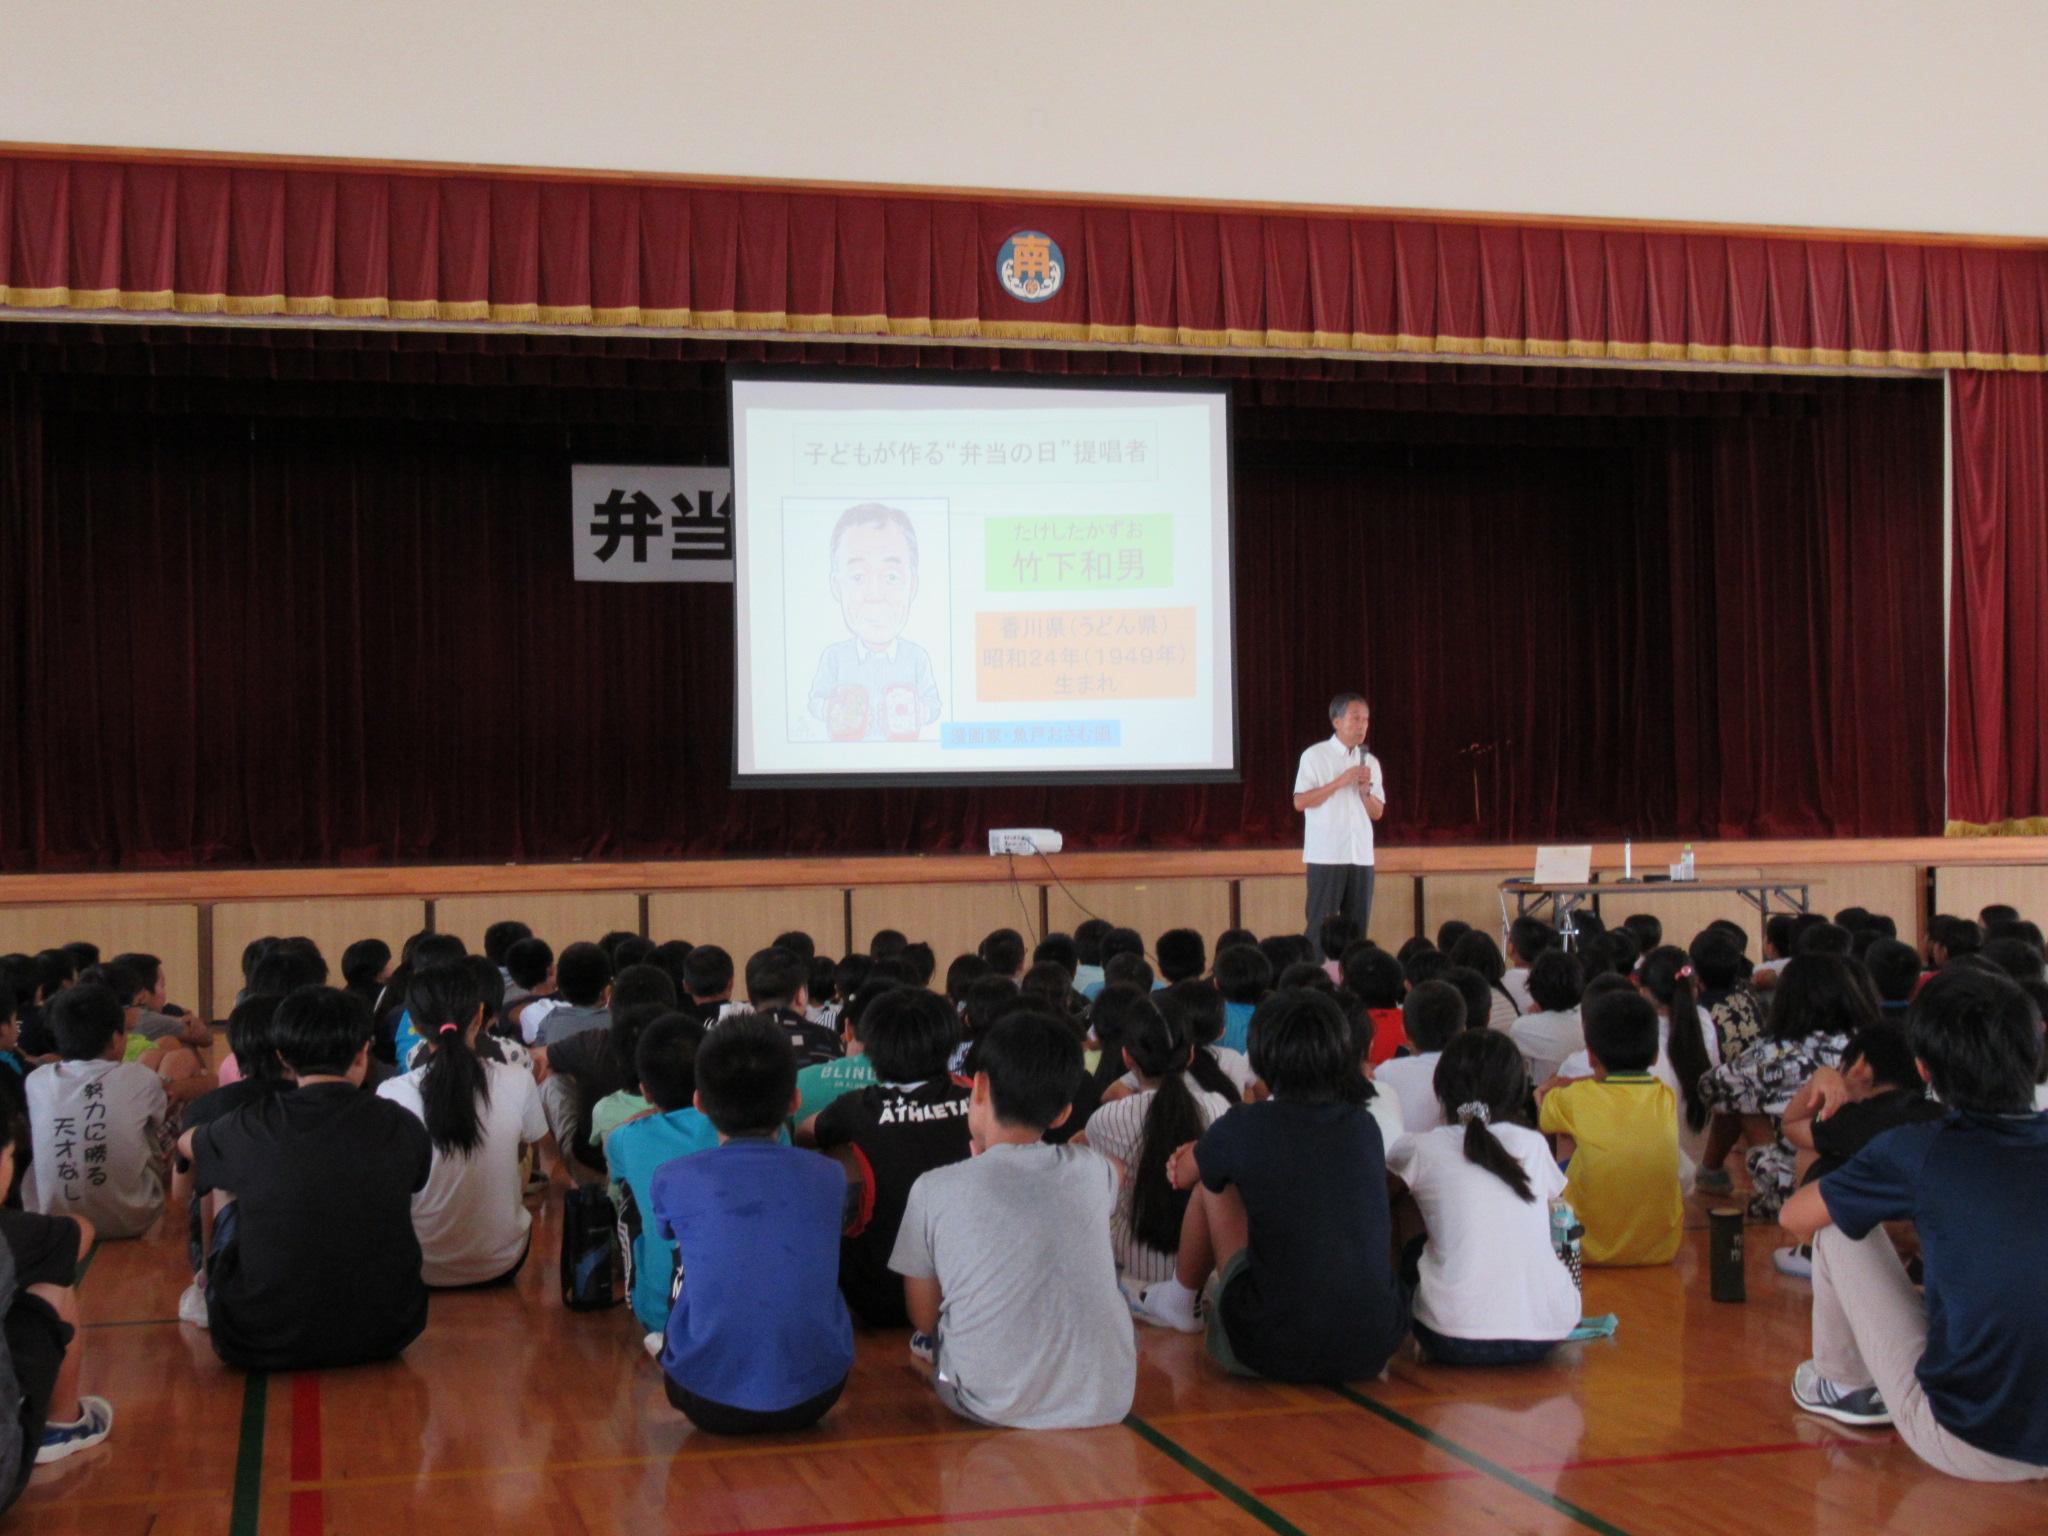 〈沖縄県〉糸満市立糸満南小学校